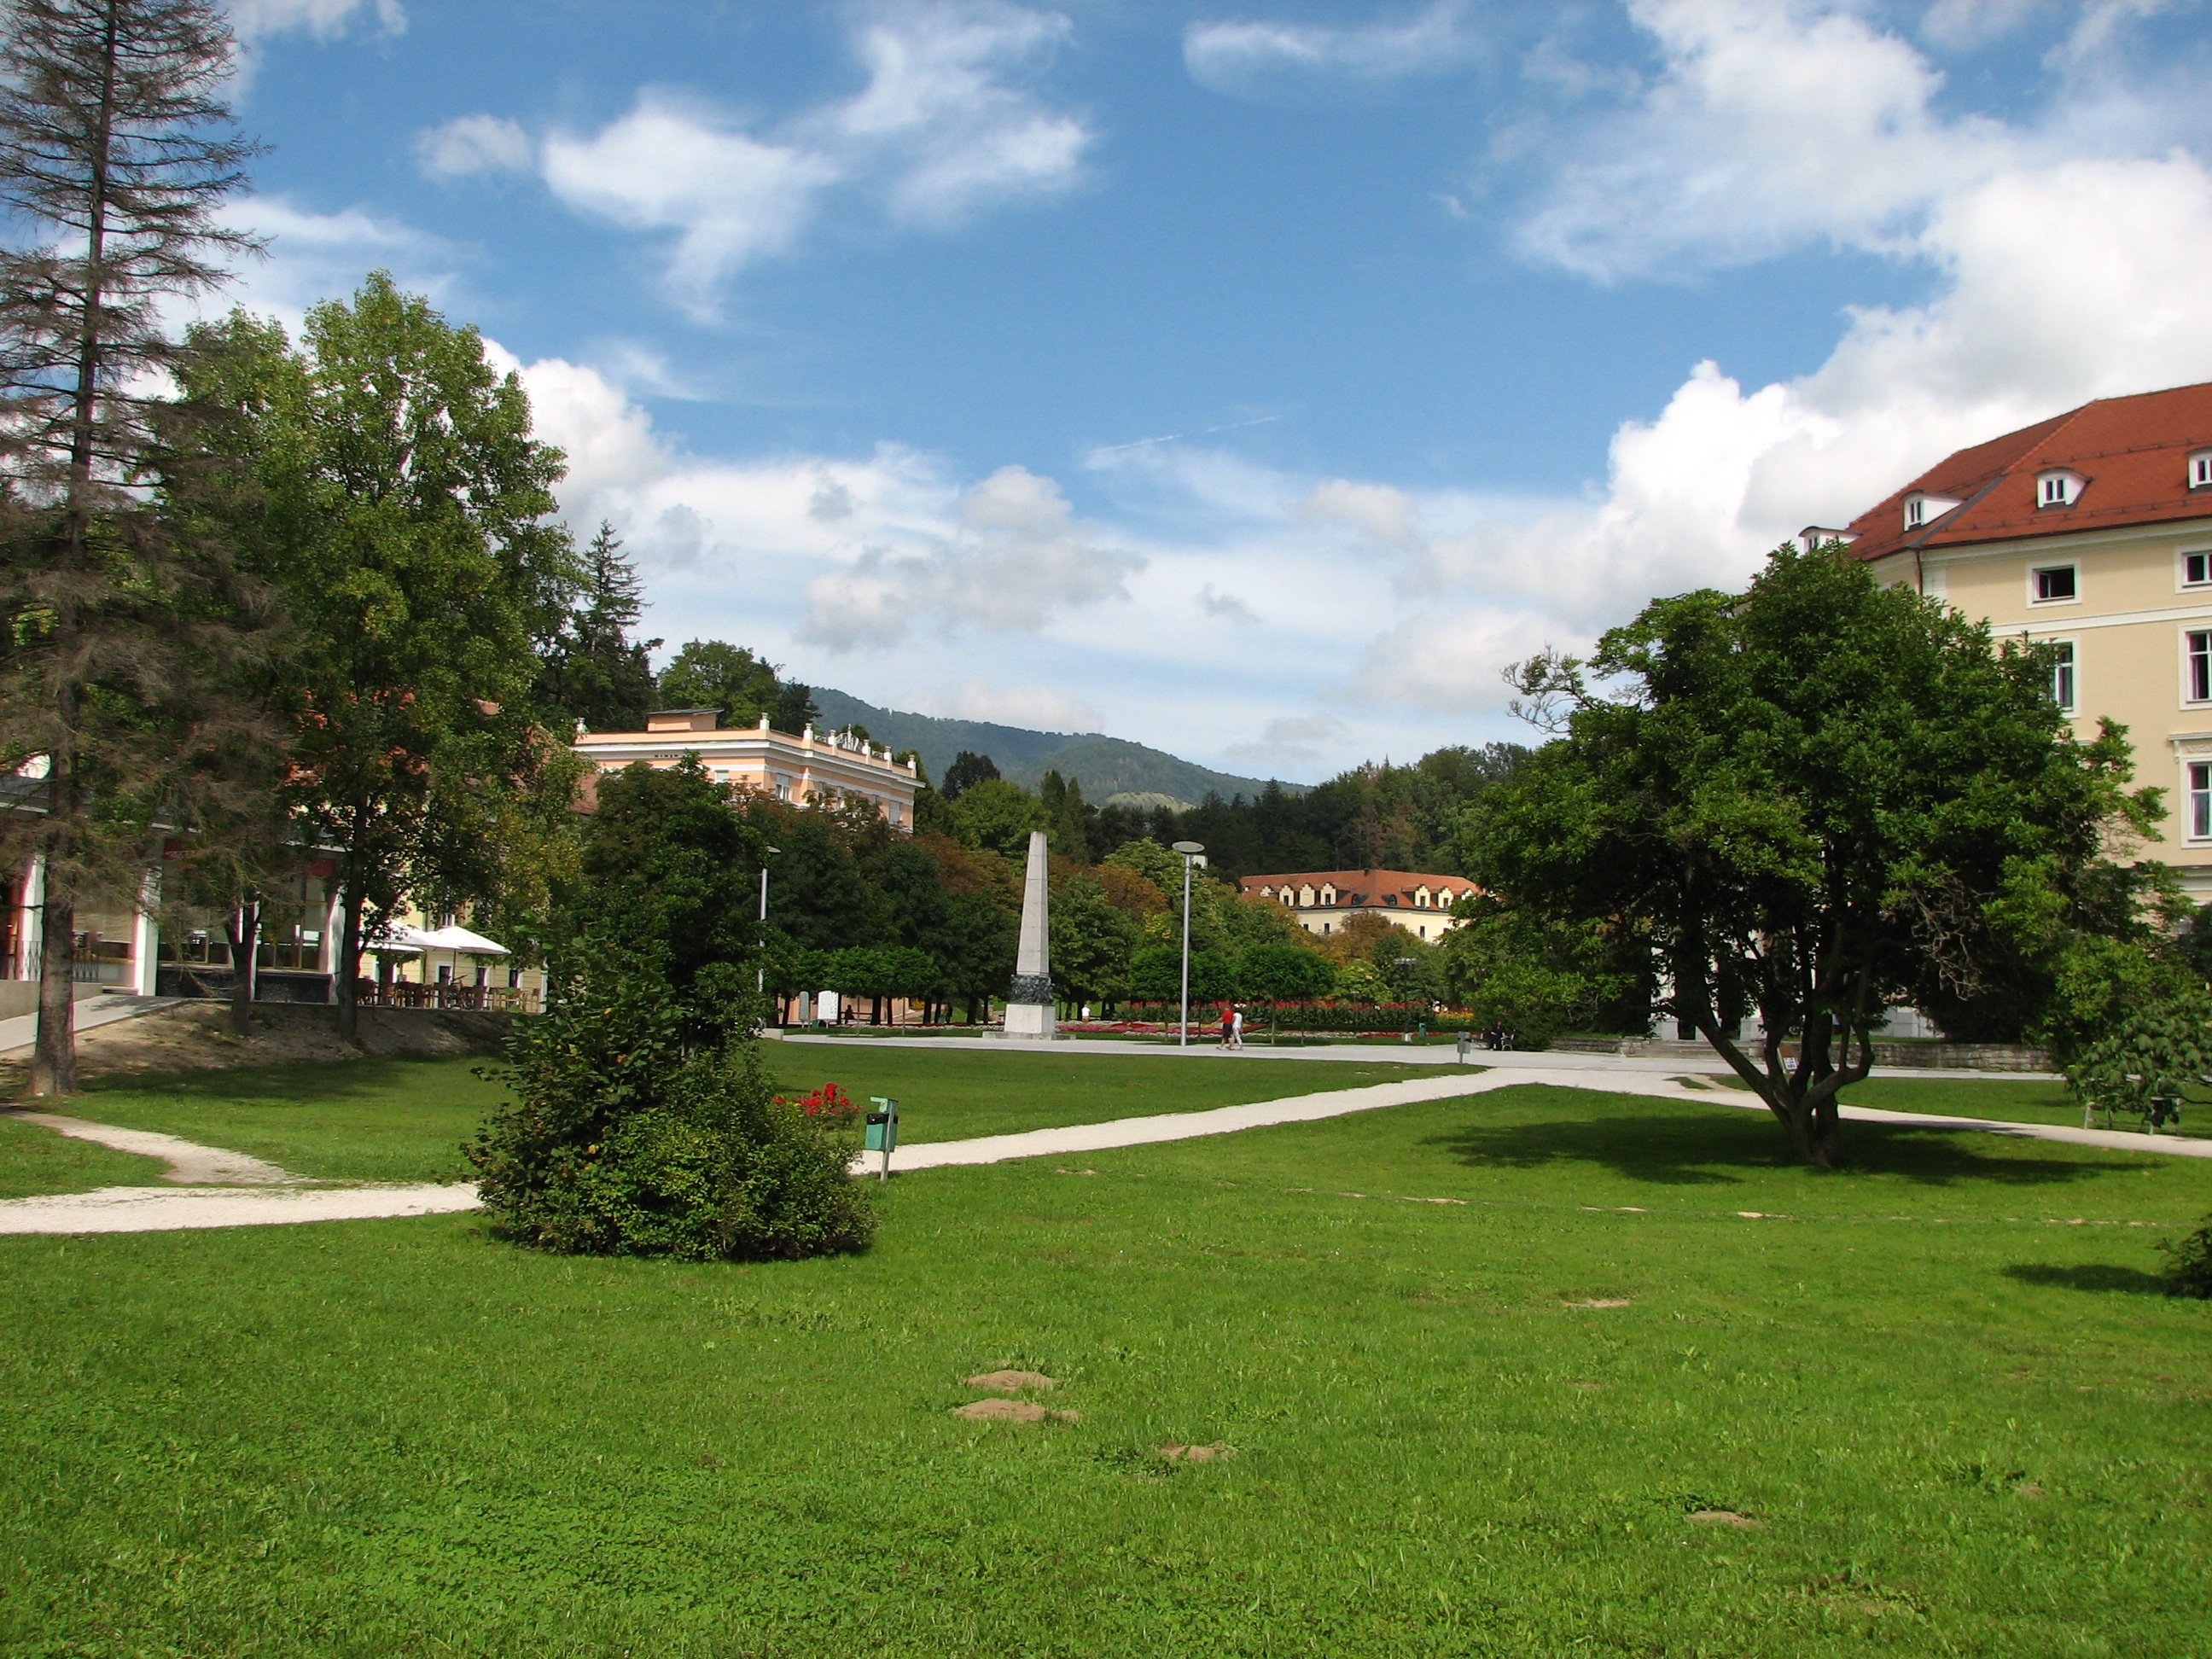 Rogaska Slatina Slovenia  City pictures : Izvirna datoteka  2.592 × 1.944 točk, velikost datoteke: 1,74 MB ...